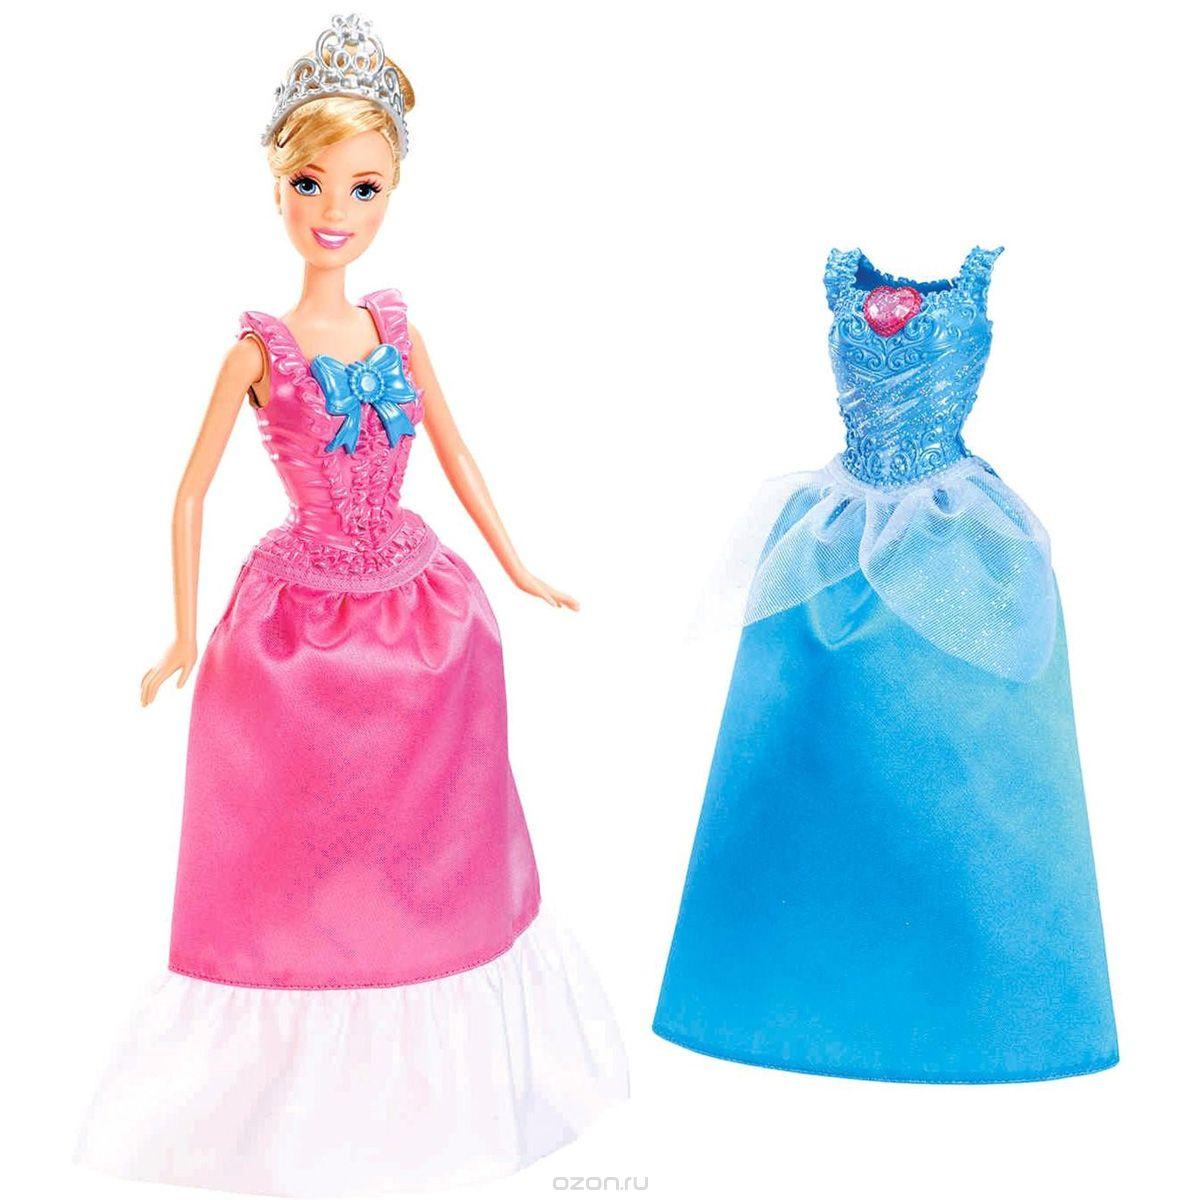 Disney Princess Кукла MagiClip Золушка цвет платьев розовый голубойX9358_zolushka/astX9357 + ПОДАРОККукла Disney Princess MagiClip: Золушка покорит вашу дочурку с первого взгляда! Кукла одета в роскошное платье голубого цвета. Белокурые волосы красавицы собраны в оригинальную прическу и украшены королевской тиарой. В комплект с куклой входит дополнительное розовое платье. С помощью особой конструкции и очень мягкого материала наряды куклы очень легко снимаются и надеваются. Просто сожмите платье в области талии, и оно раскроется, позволяя быстро и легко надеть его на куколку. Такая куколка очарует вас и вашу дочурку с первого взгляда! Ваша малышка с удовольствием будет играть с красавицей Золушкой, проигрывая сюжеты из мультфильма или придумывая различные истории. Порадуйте свою малышку таким замечательным подарком! УВАЖАЕМЫЕ КЛИЕНТЫ! Обращаем ваше внимание на тот факт, что к товару прилагается один подарок. Подарки поставляются в ассортименте в одном из приведенных вариантов. Поставка осуществляется в зависимости от...